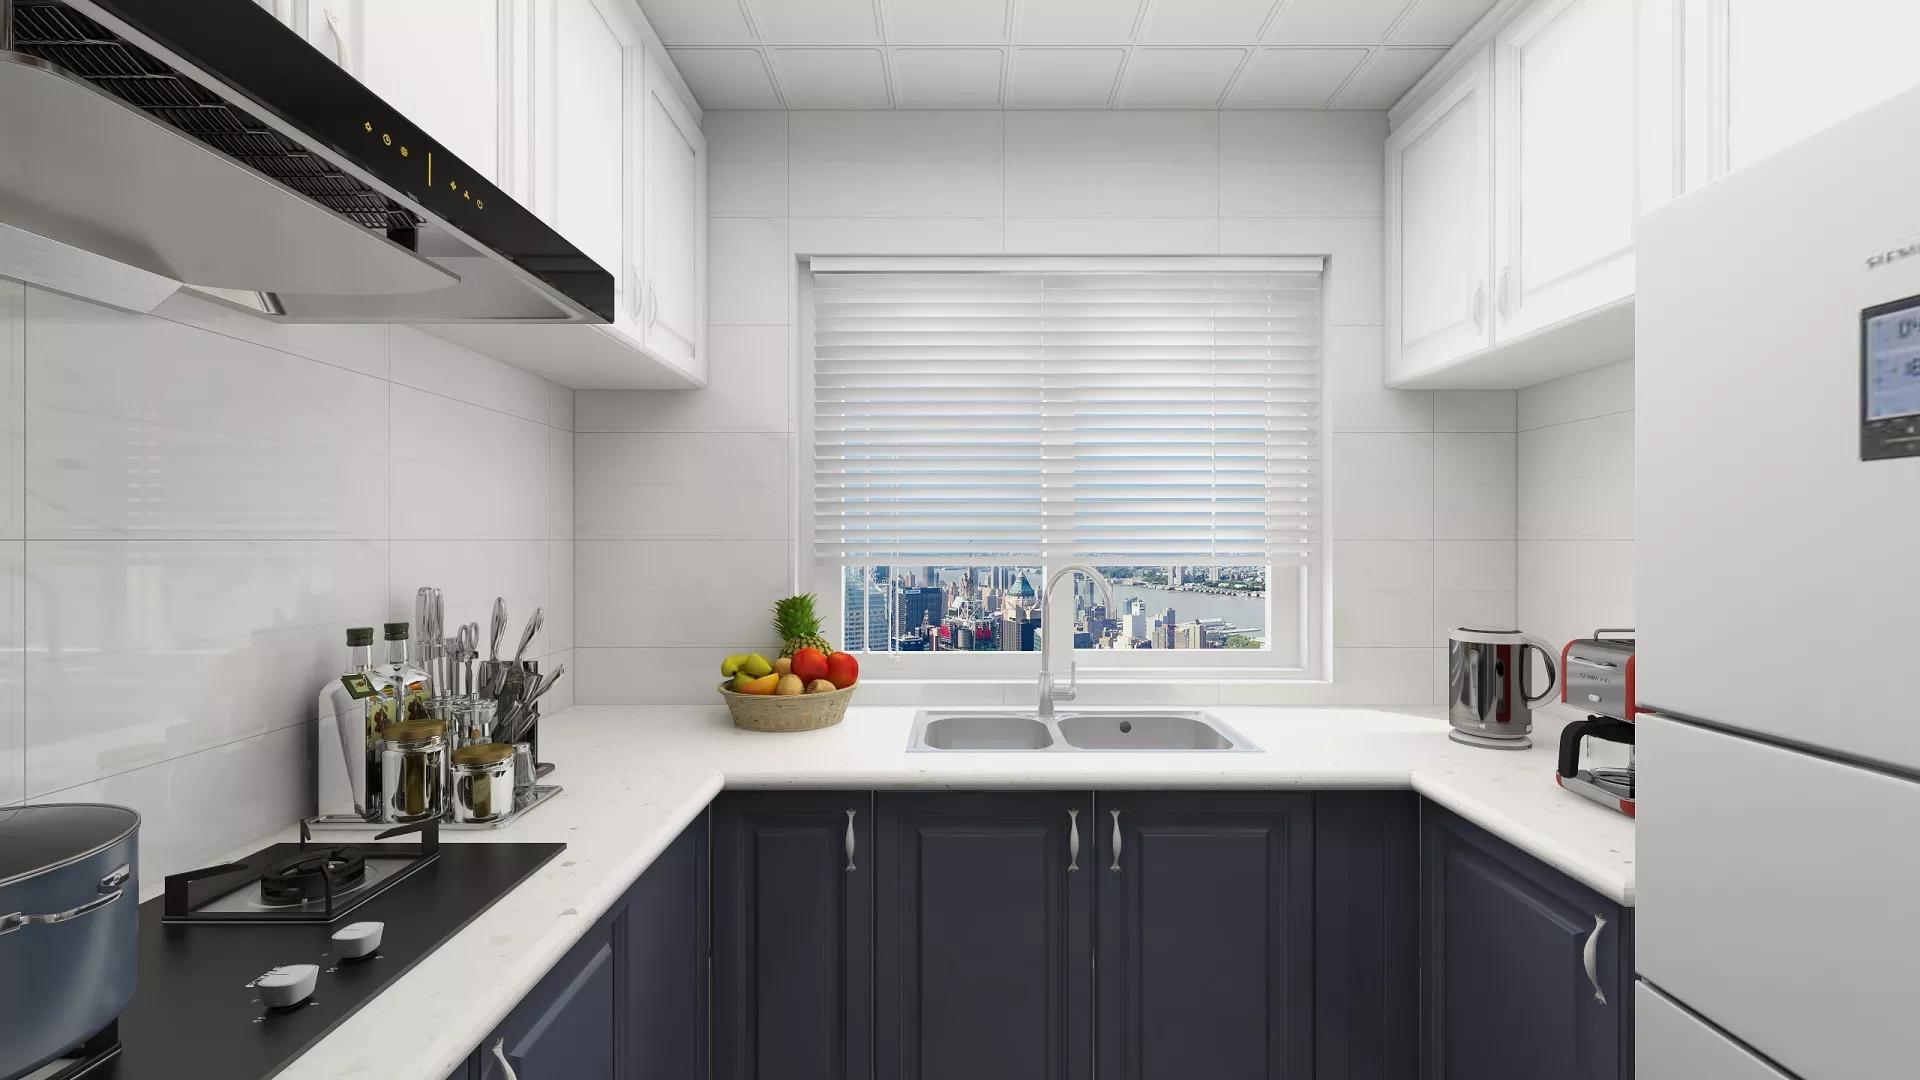 陶瓷洗手台如何清洗 陶瓷洗手台清洁方法